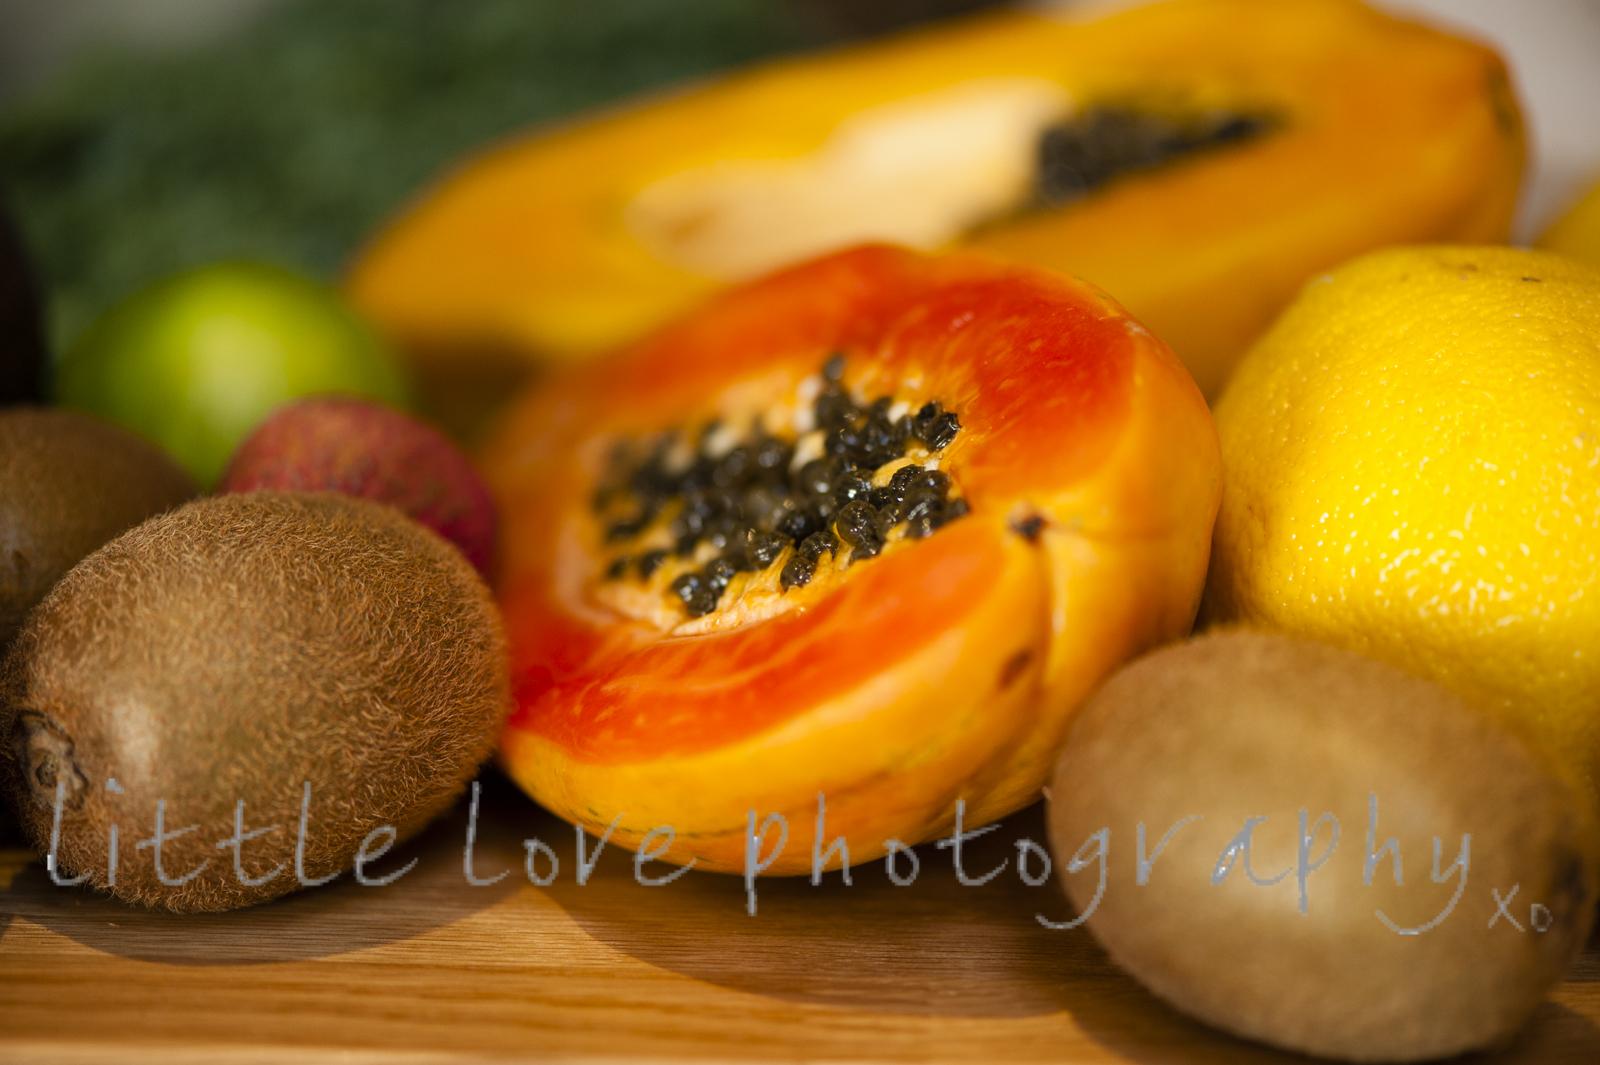 webphotographysydney-1001.jpg